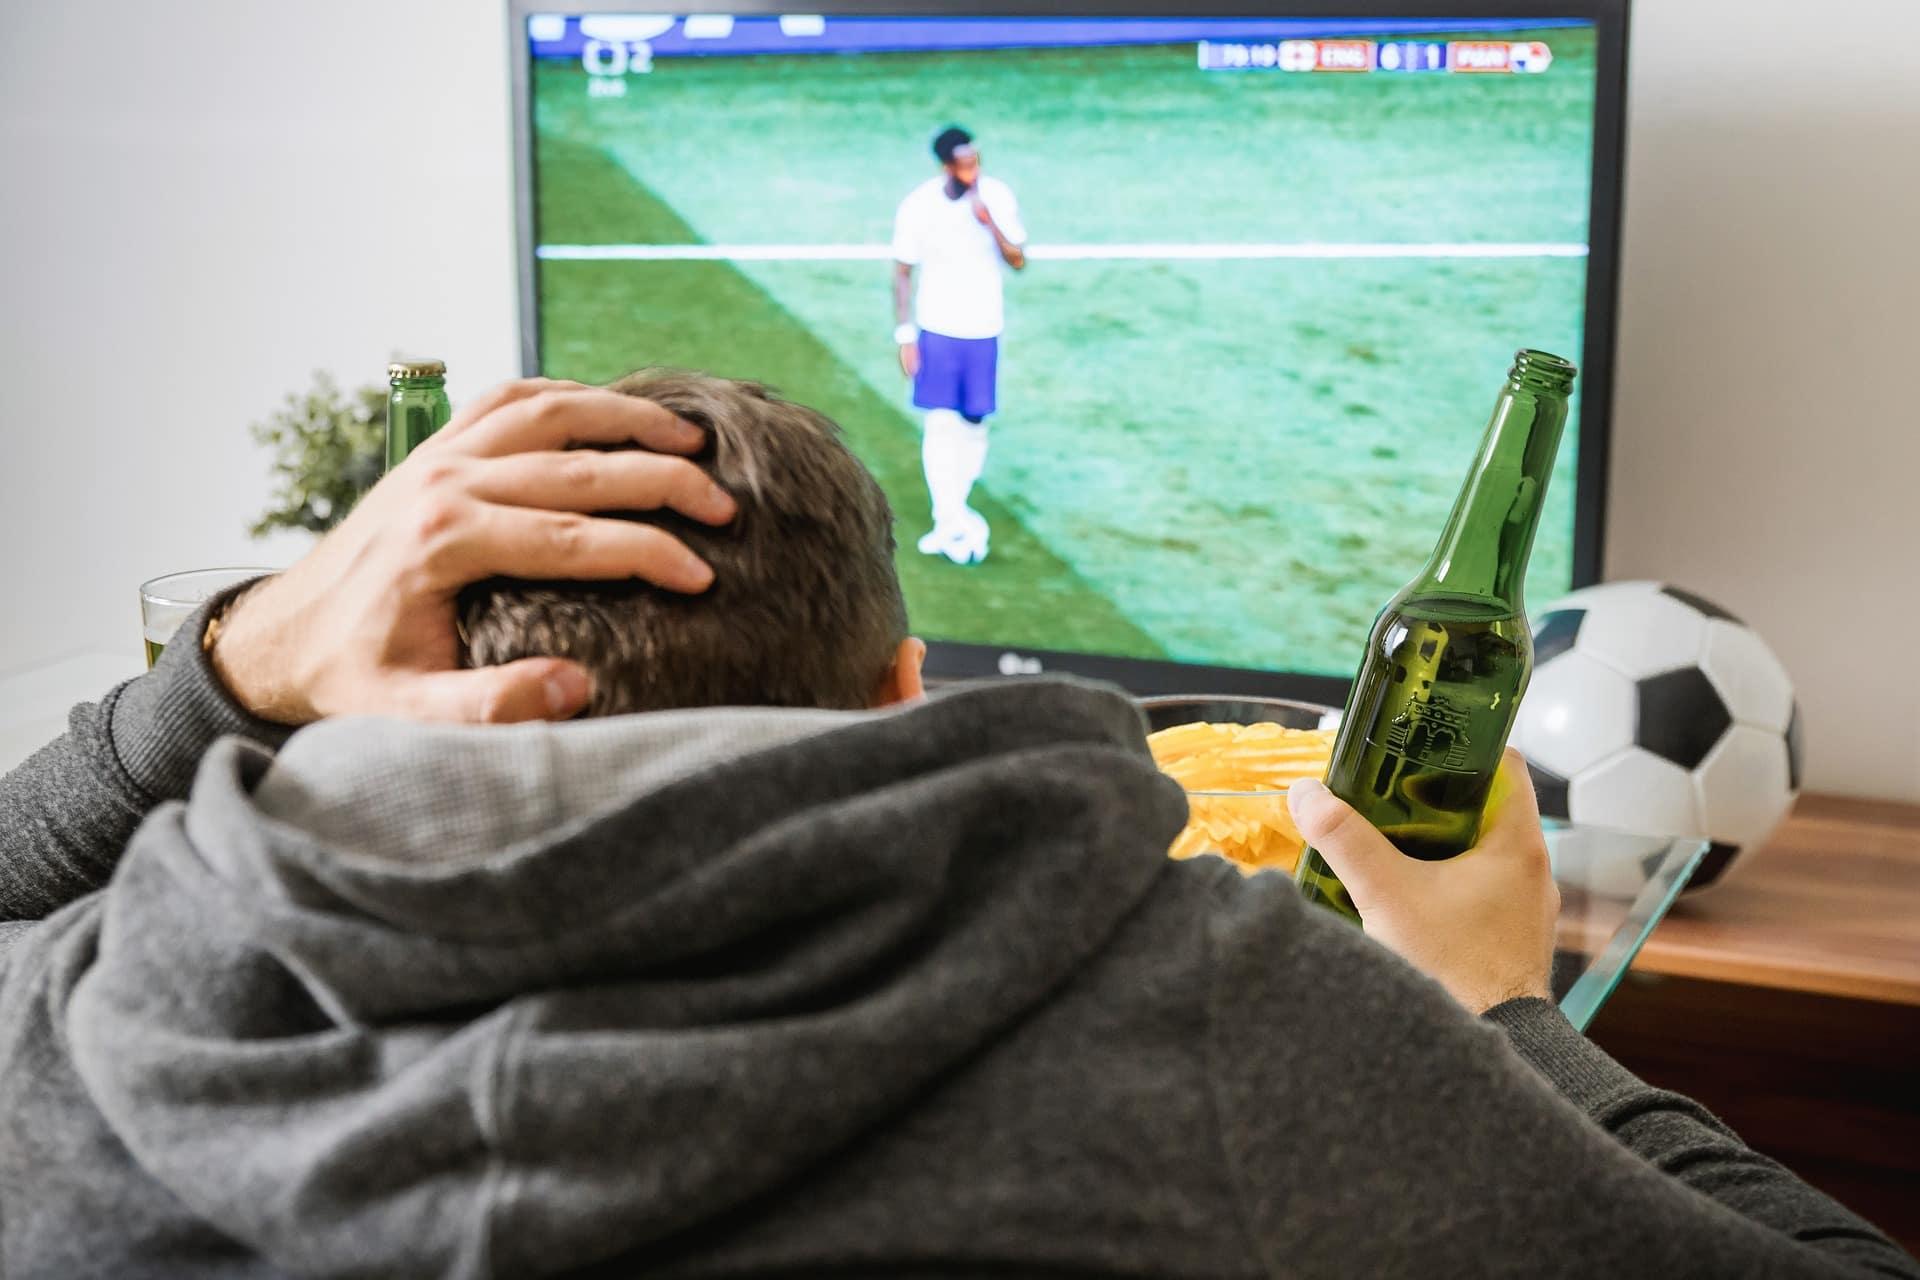 Kako gledanje sporta utječe na nas?